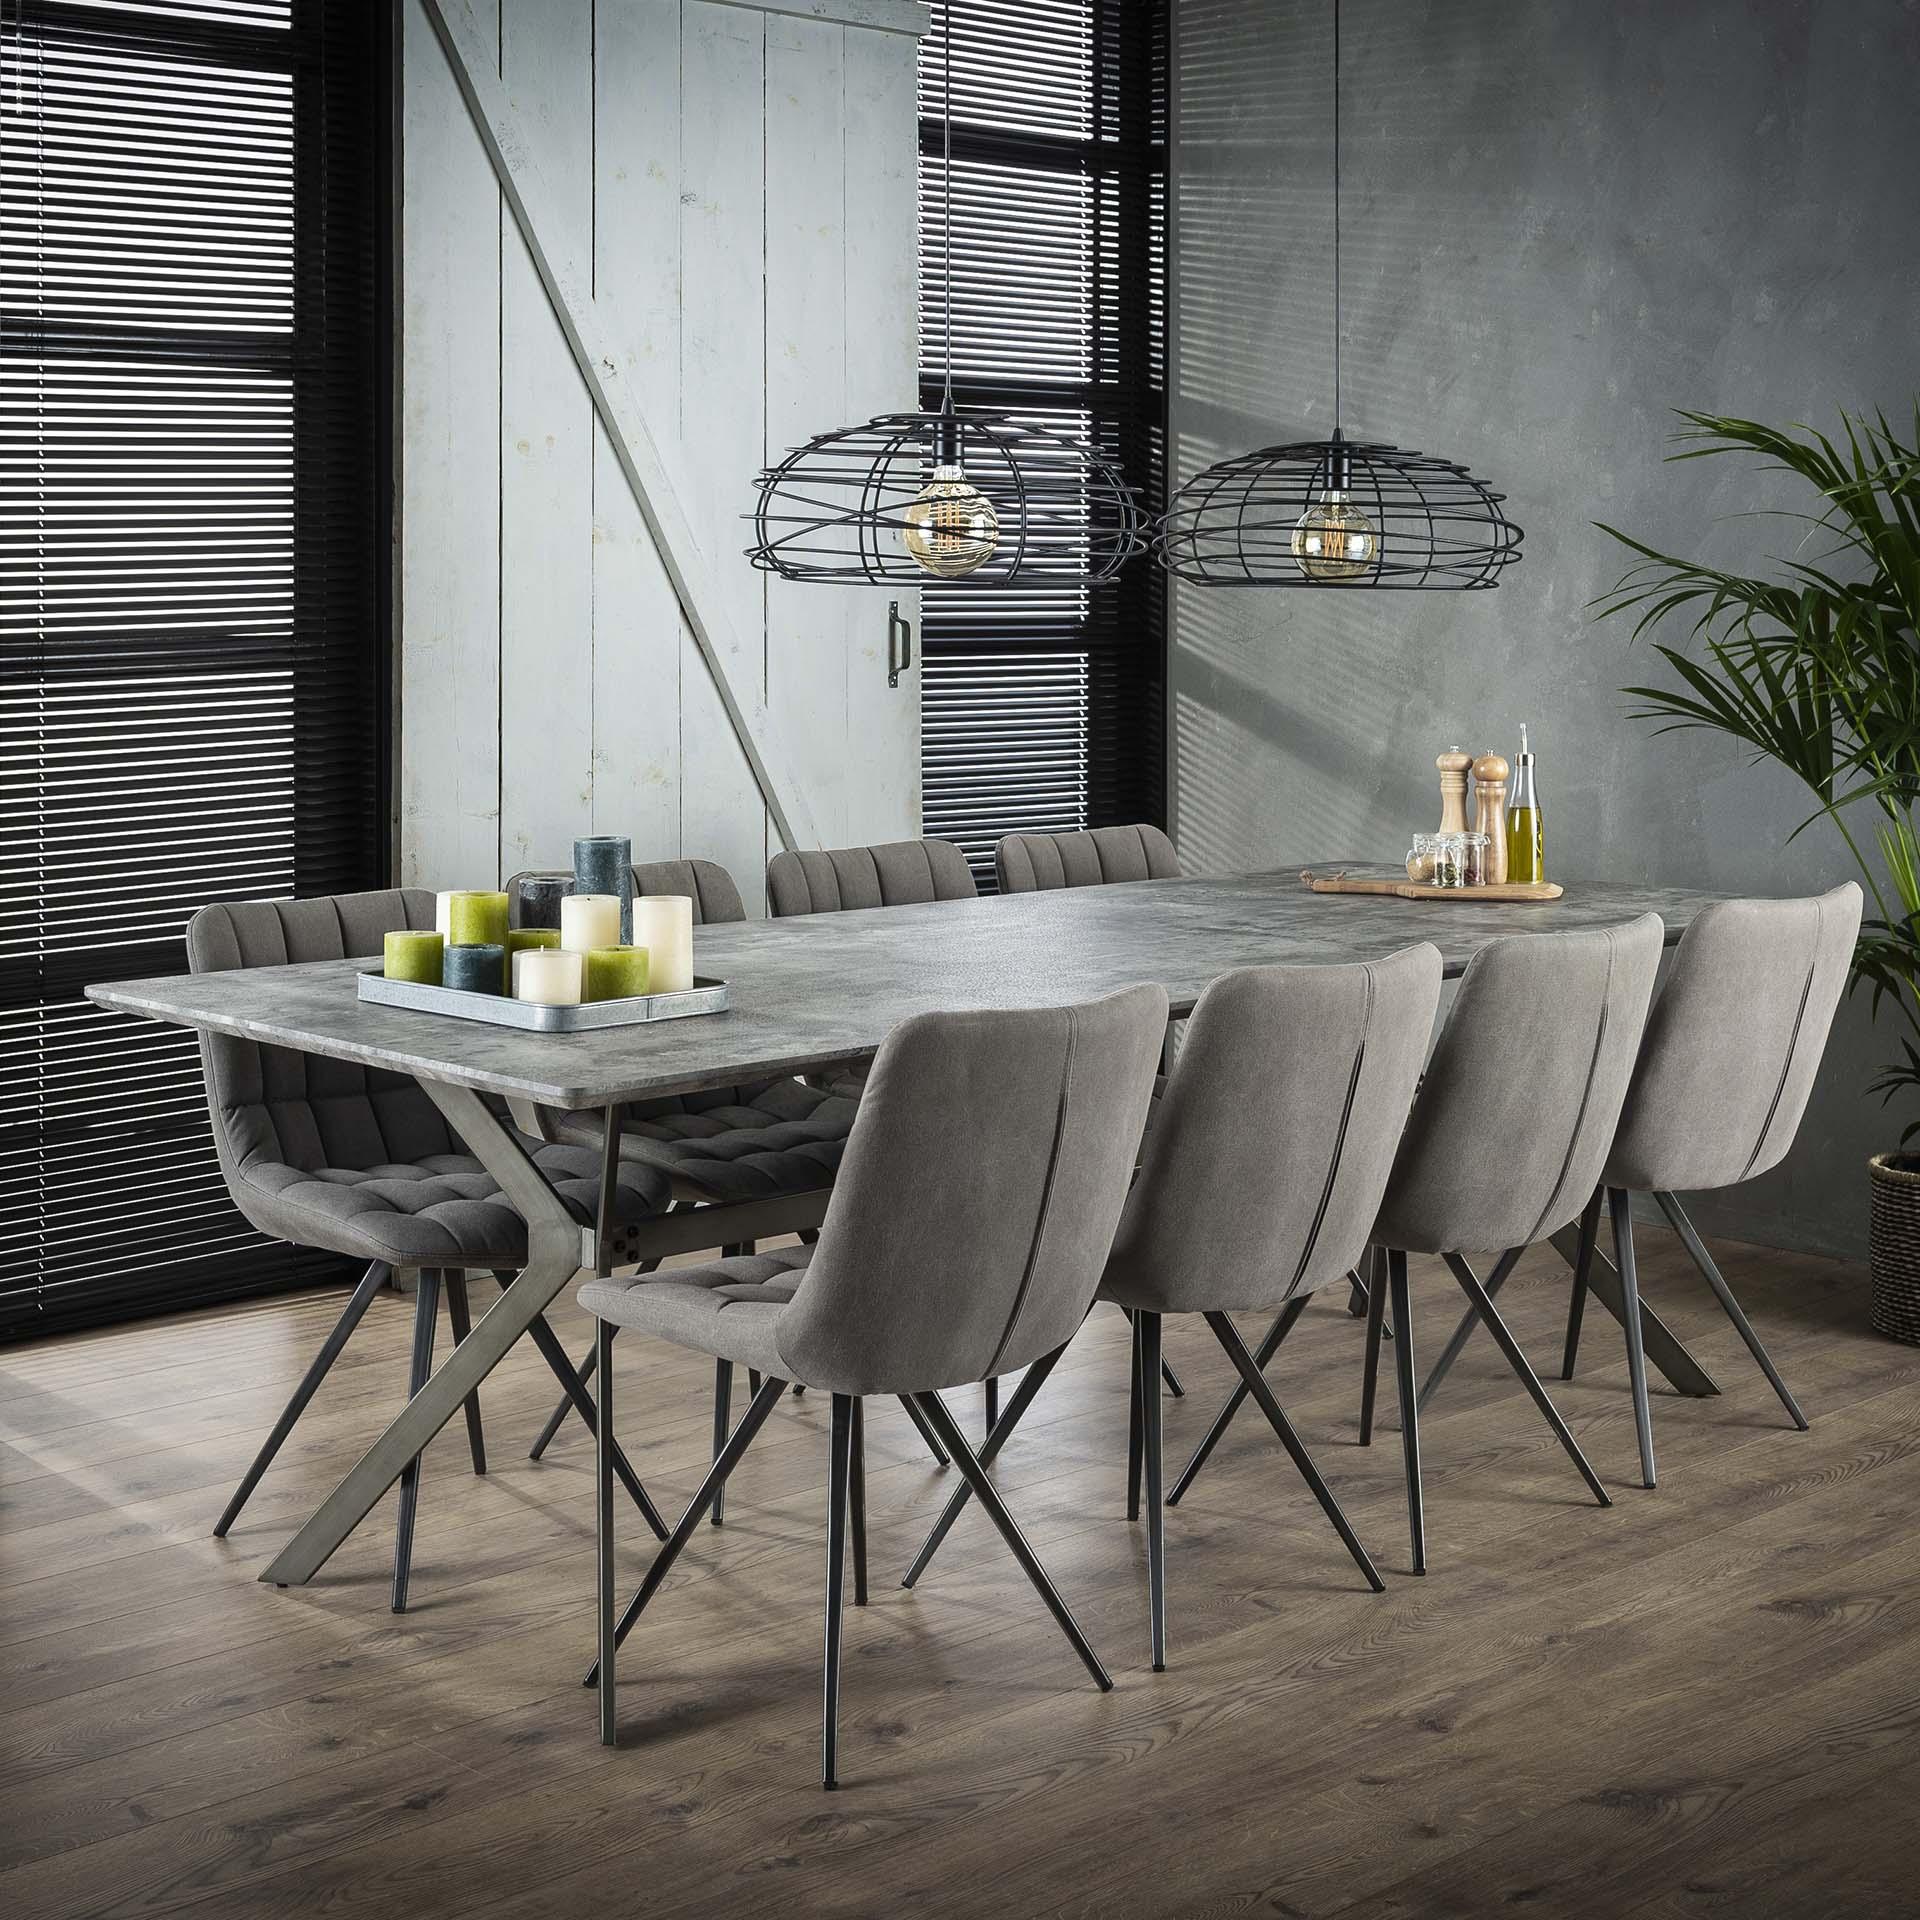 Table à manger rectangulaire effet béton traverse 240 cm HELSINKI